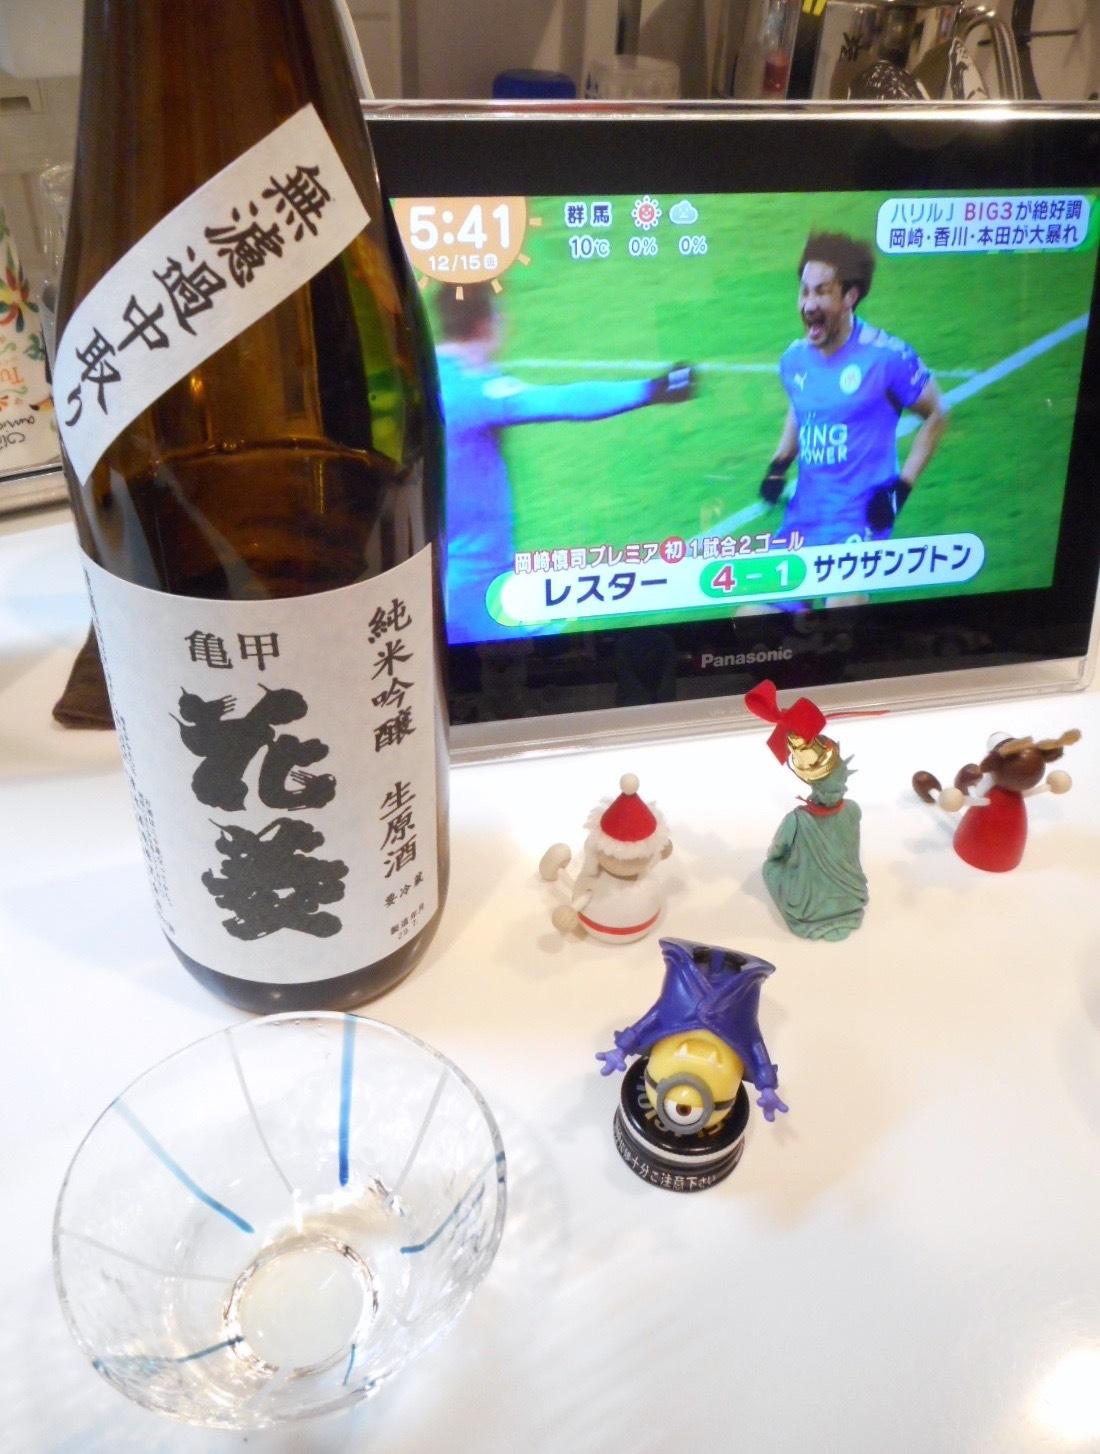 hanabishi_jungin_miyama28by8.jpg